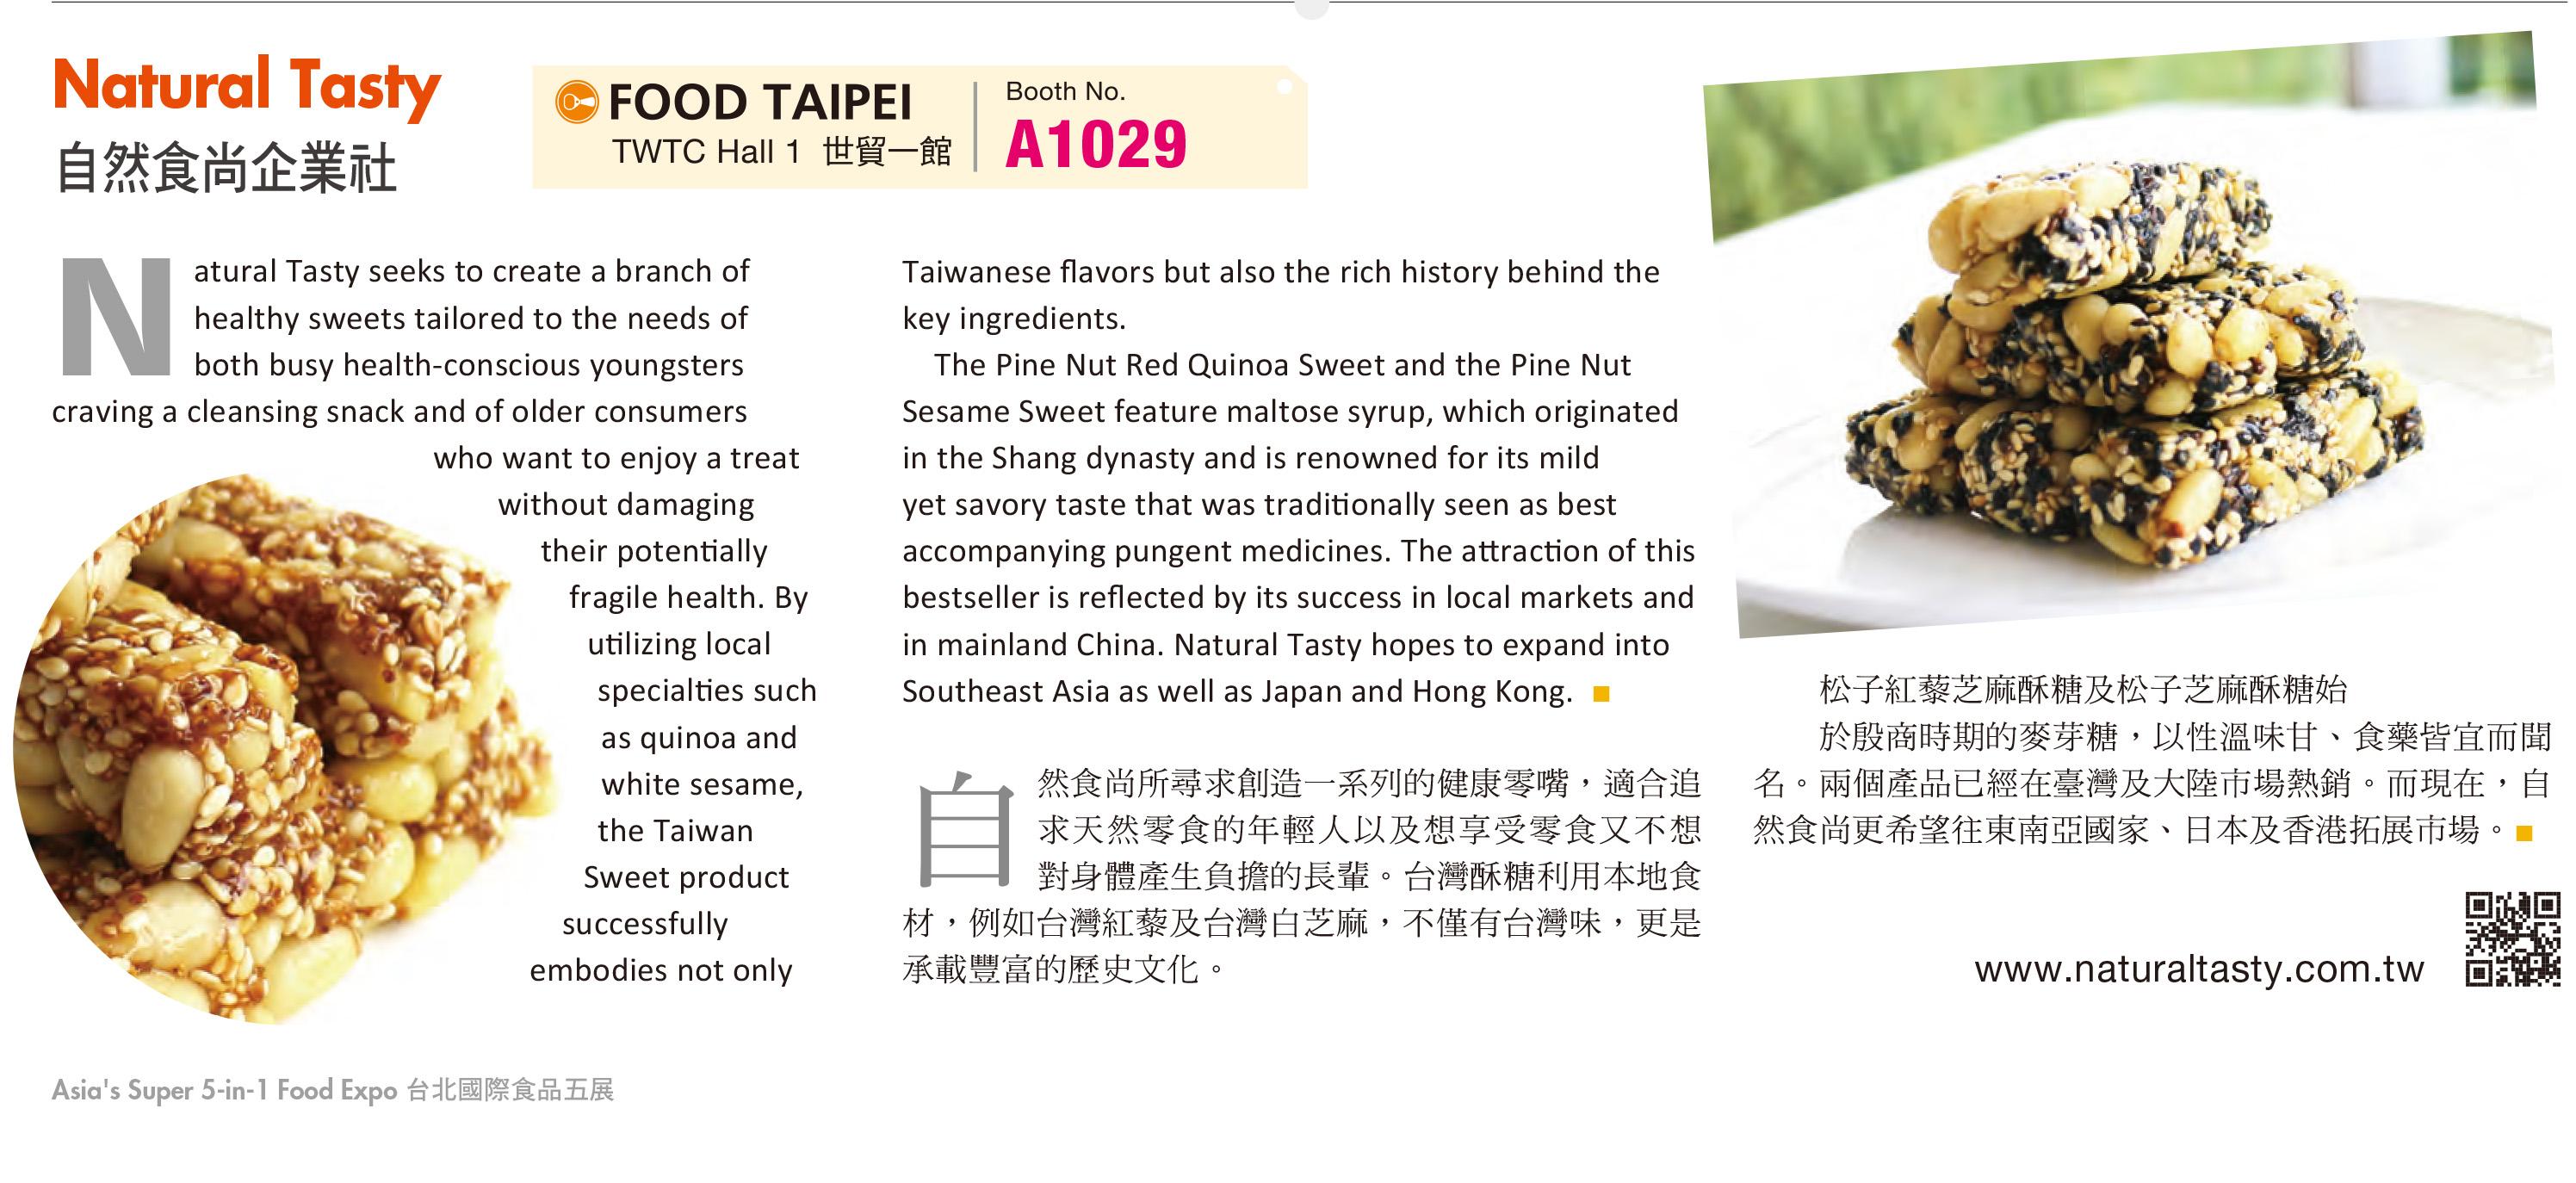 自然食尚連續2年獲選為台北國際食品展焦點品牌